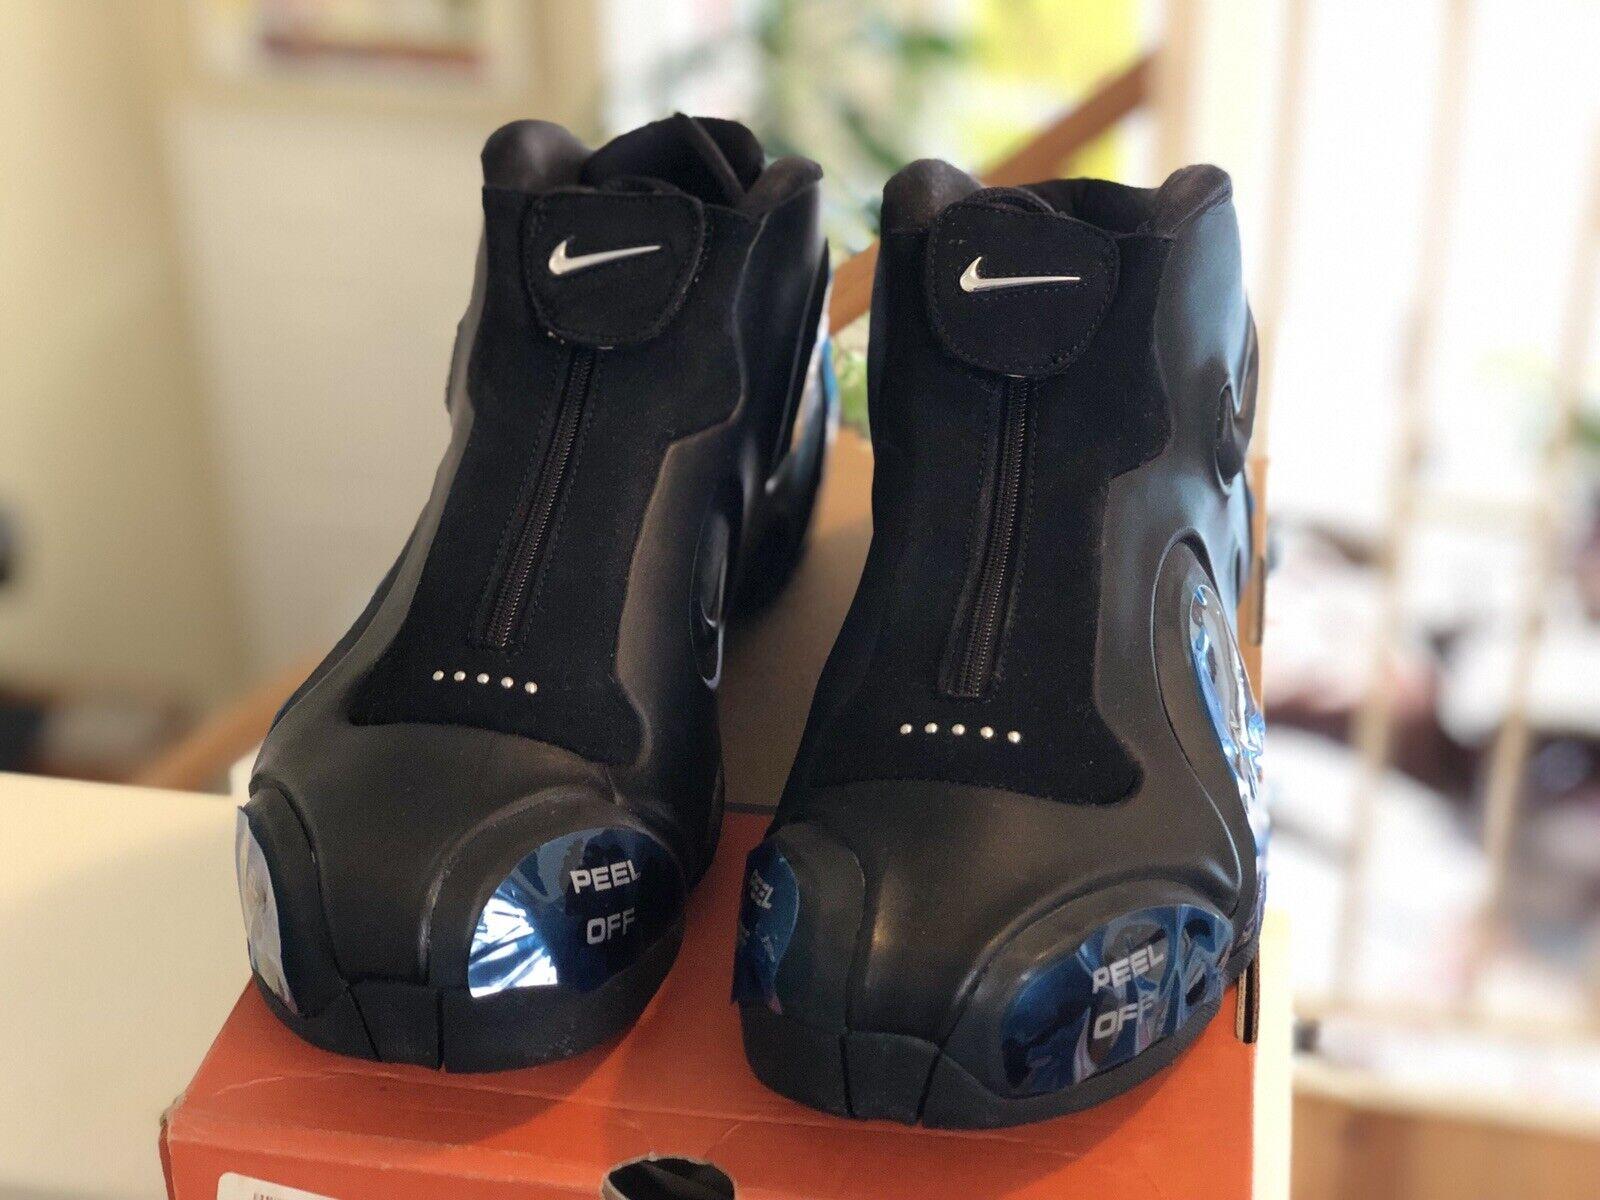 2003 Nike Air Ultraposite Foamposite 304884 001 KG Kevin Garnett Black Size 11